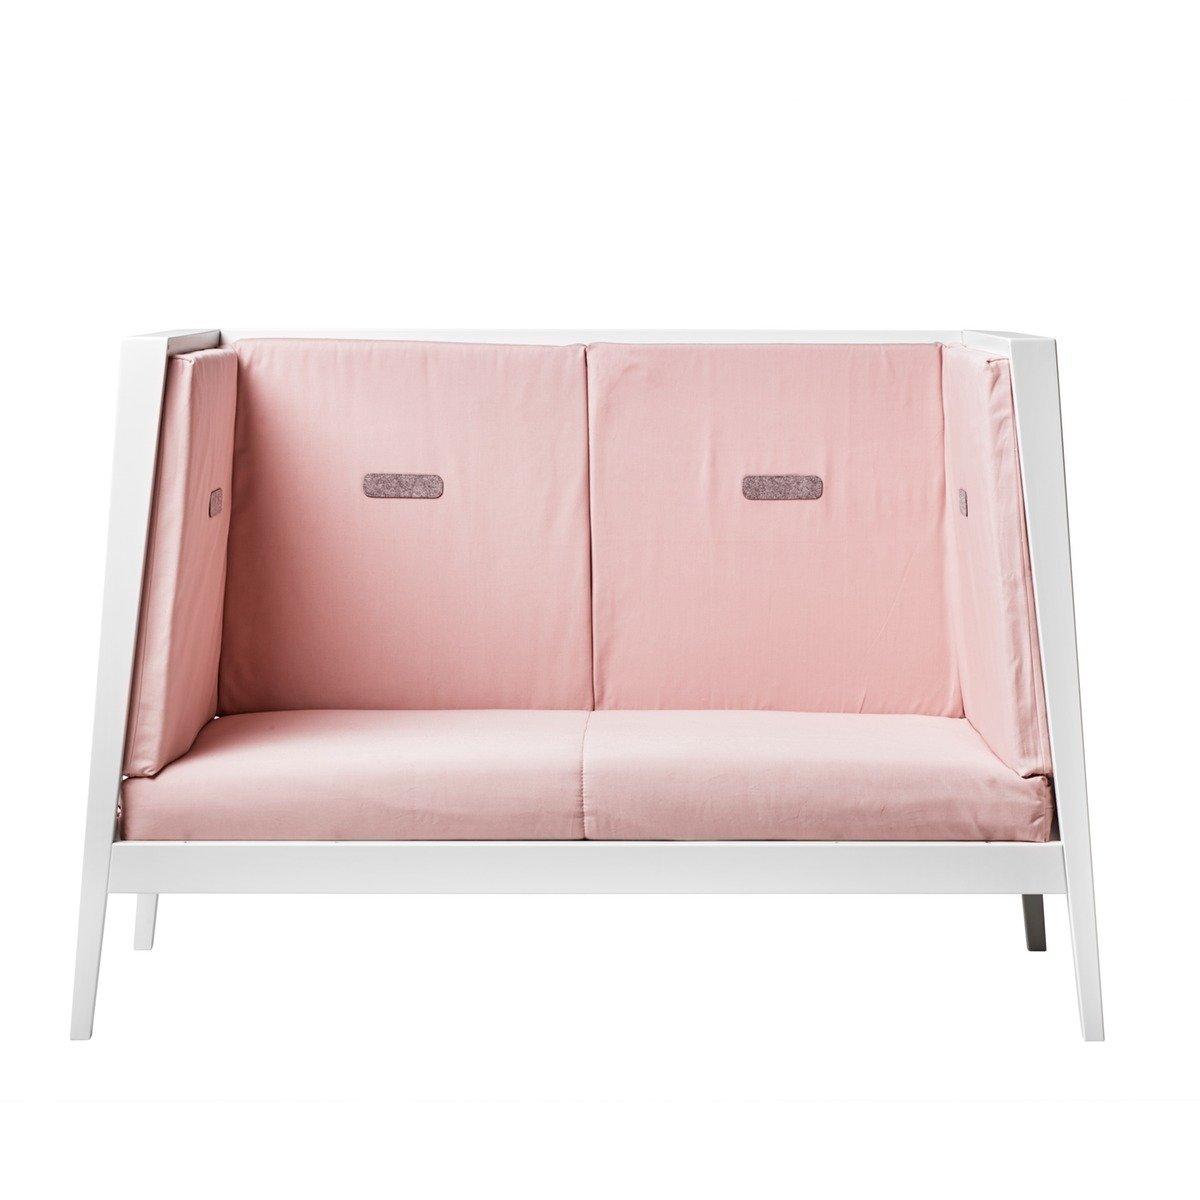 Full Size of Sofa Bezug Leander Linea Fr Matratze 60x120 Cm In Rosa Soft Kunstleder 2 Sitzer Mit Schlaffunktion Ebay L Form Stressless Garnitur 3 Teilig Inhofer Tom Tailor Sofa Sofa Bezug